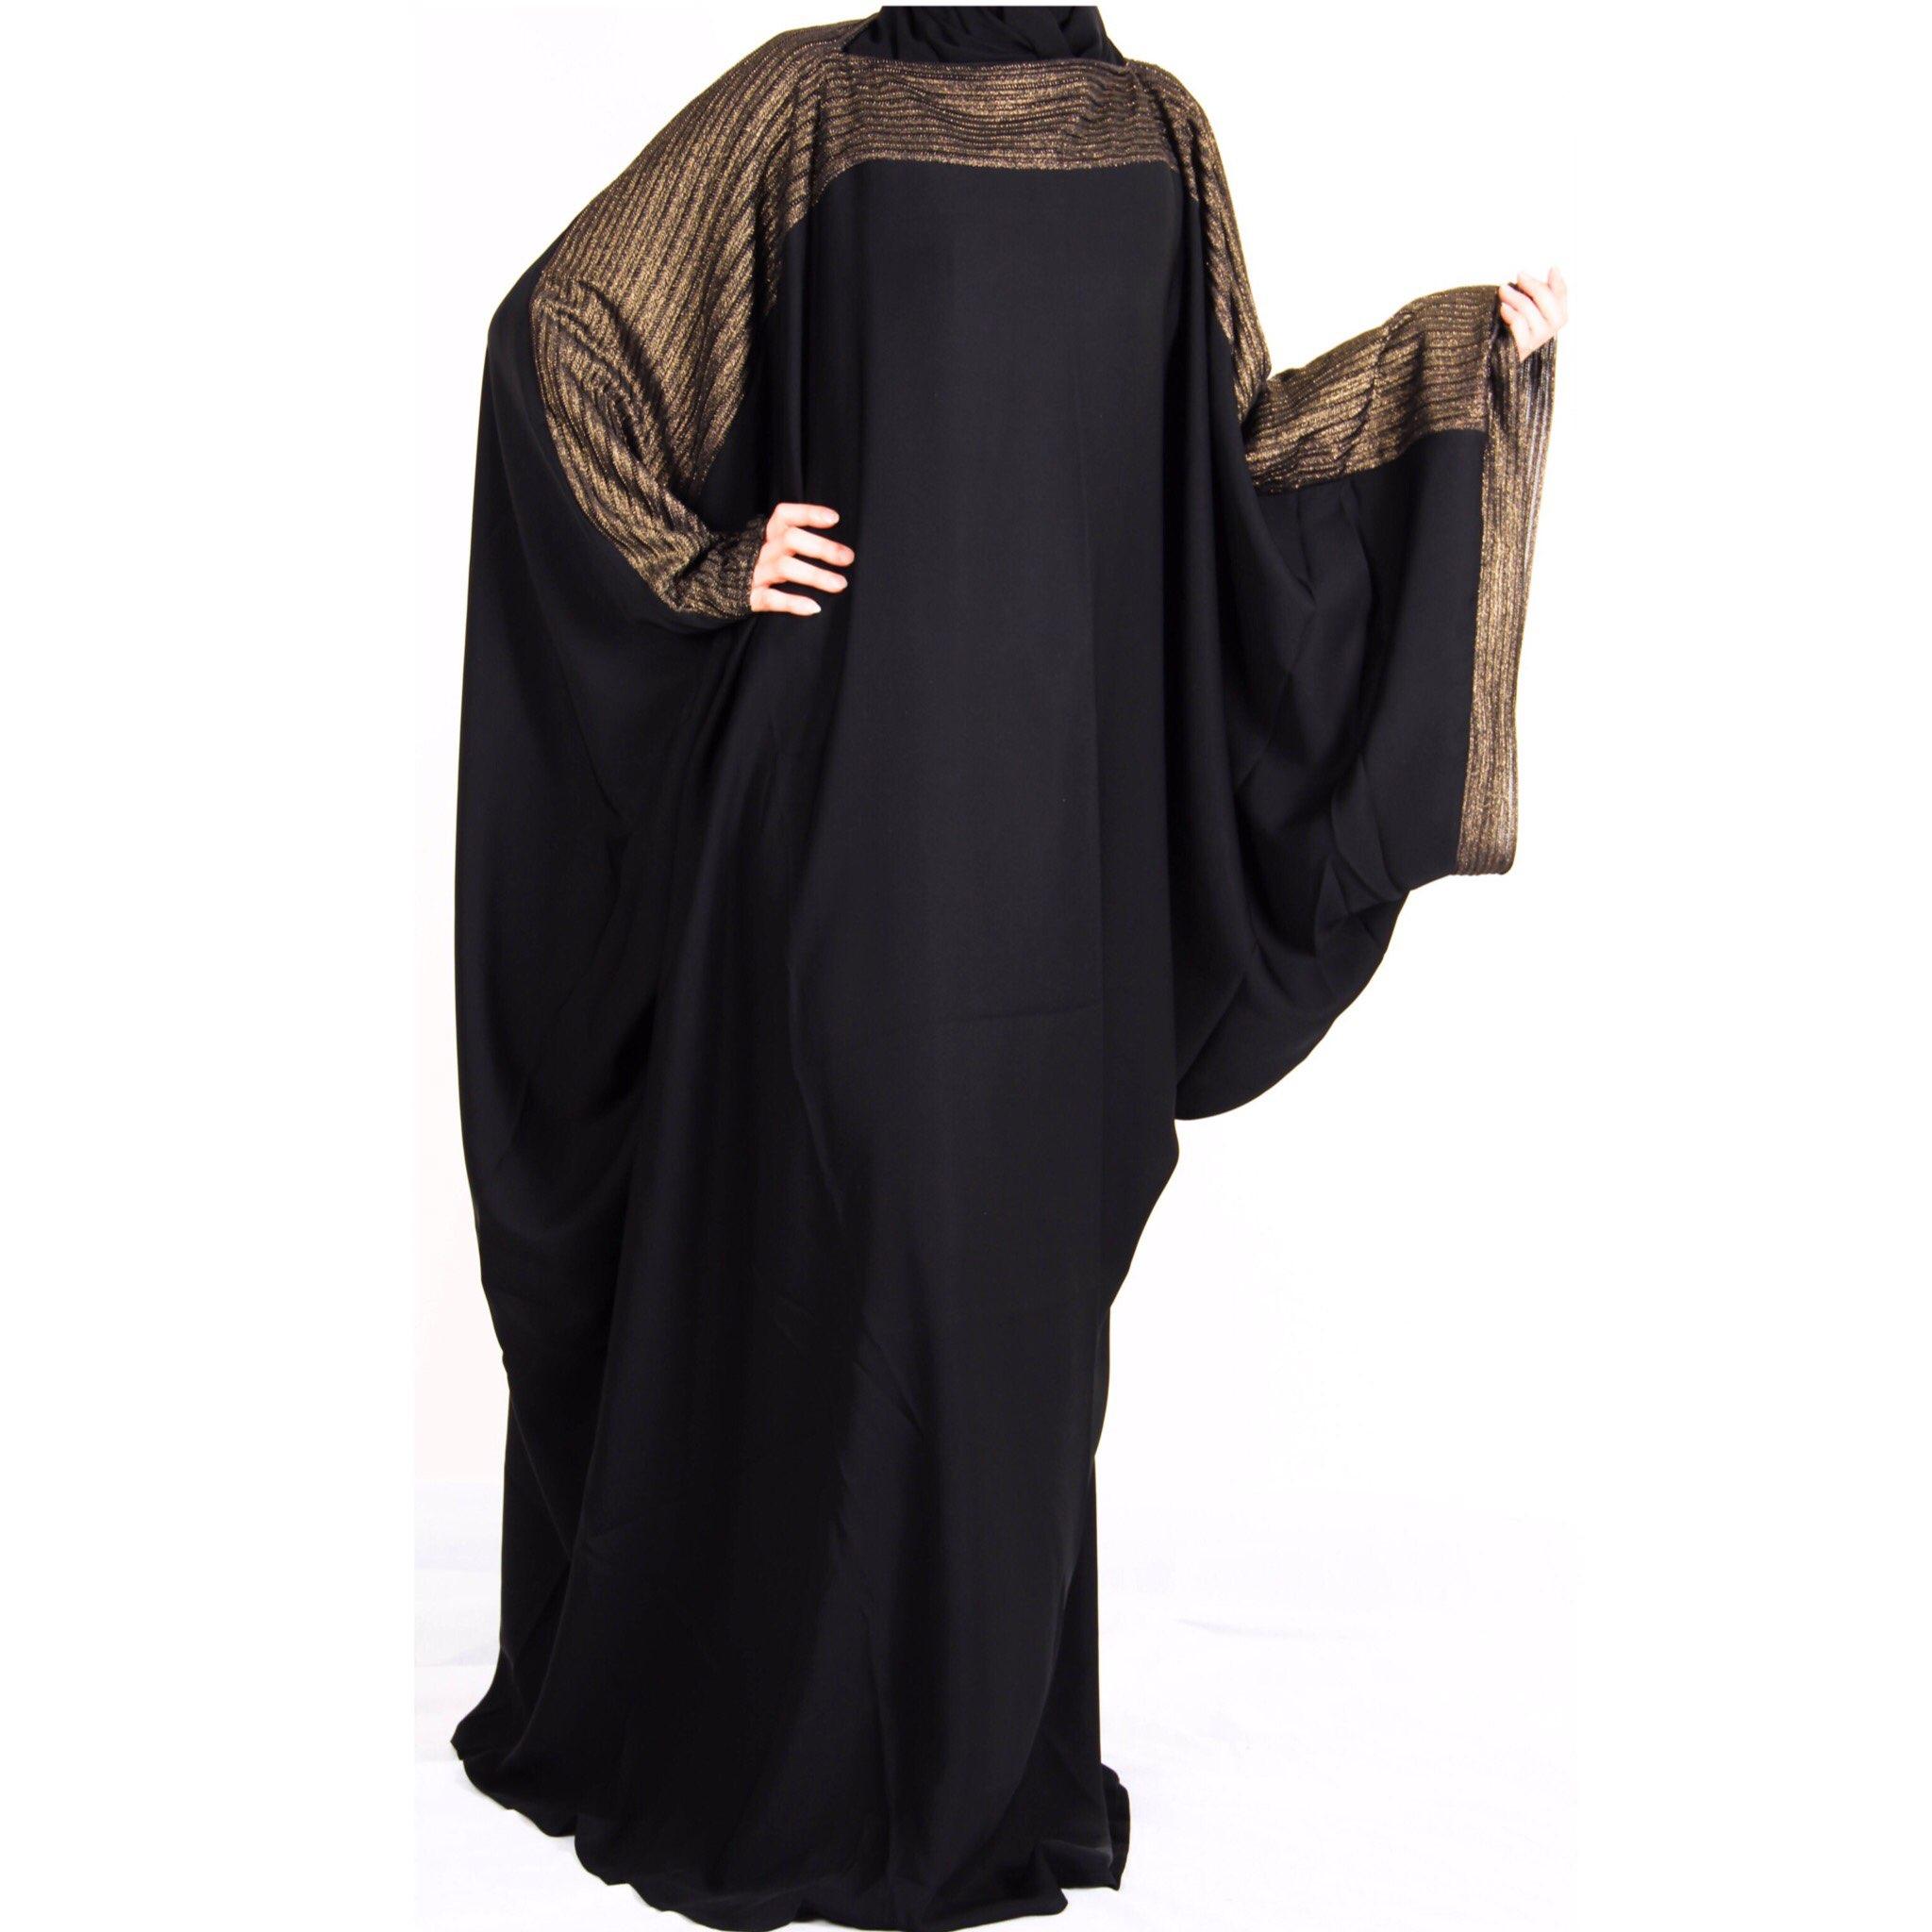 بالصور عباية اماراتية , اشيك صور عبايات اماراتية